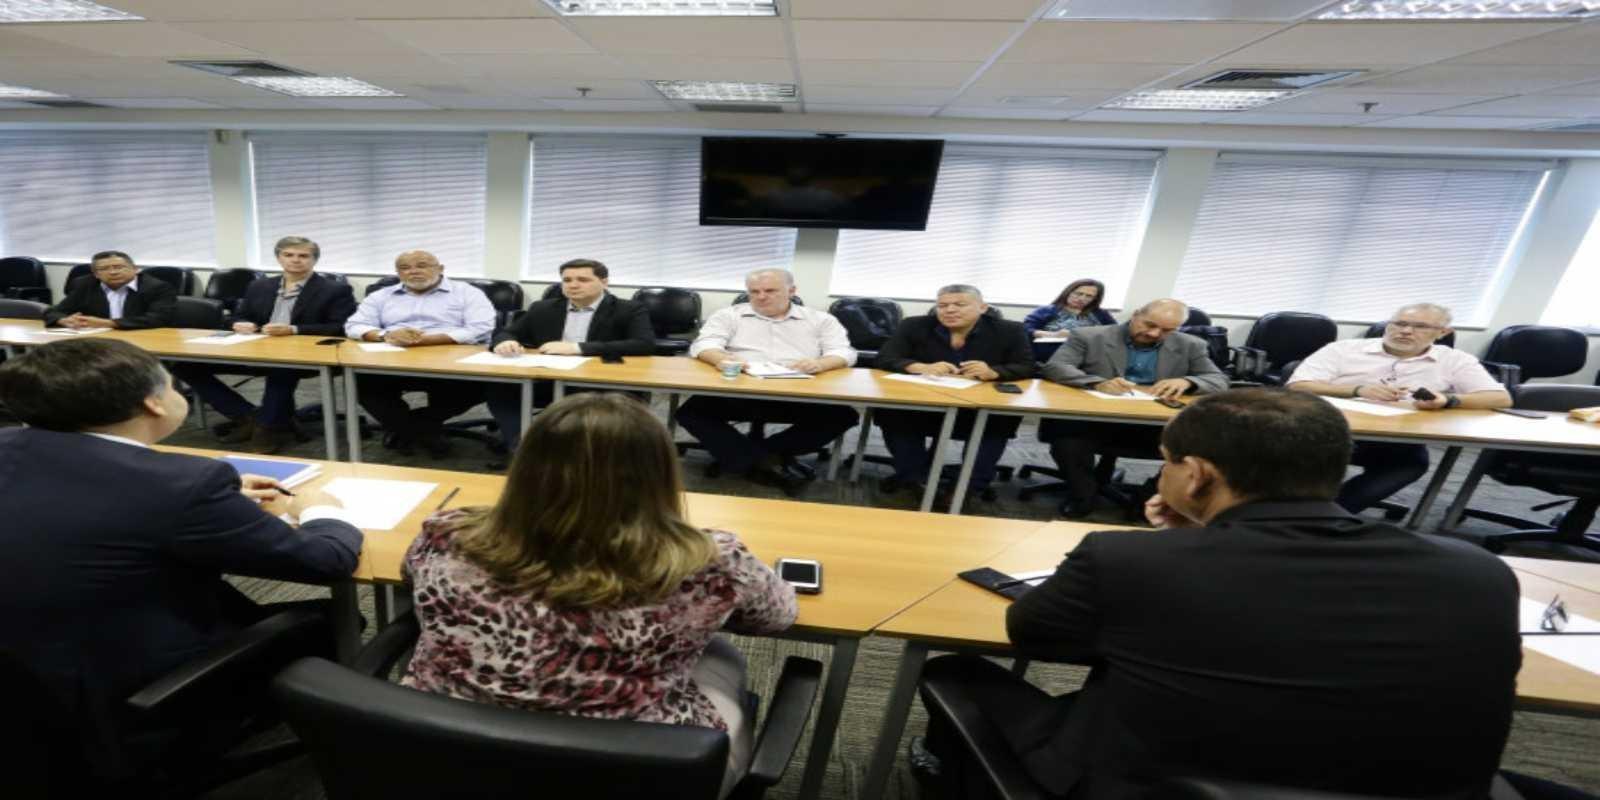 Alteração das cláusulas 31 e 33 são discutidas na Comissão Bipartite de Segurança Bancária